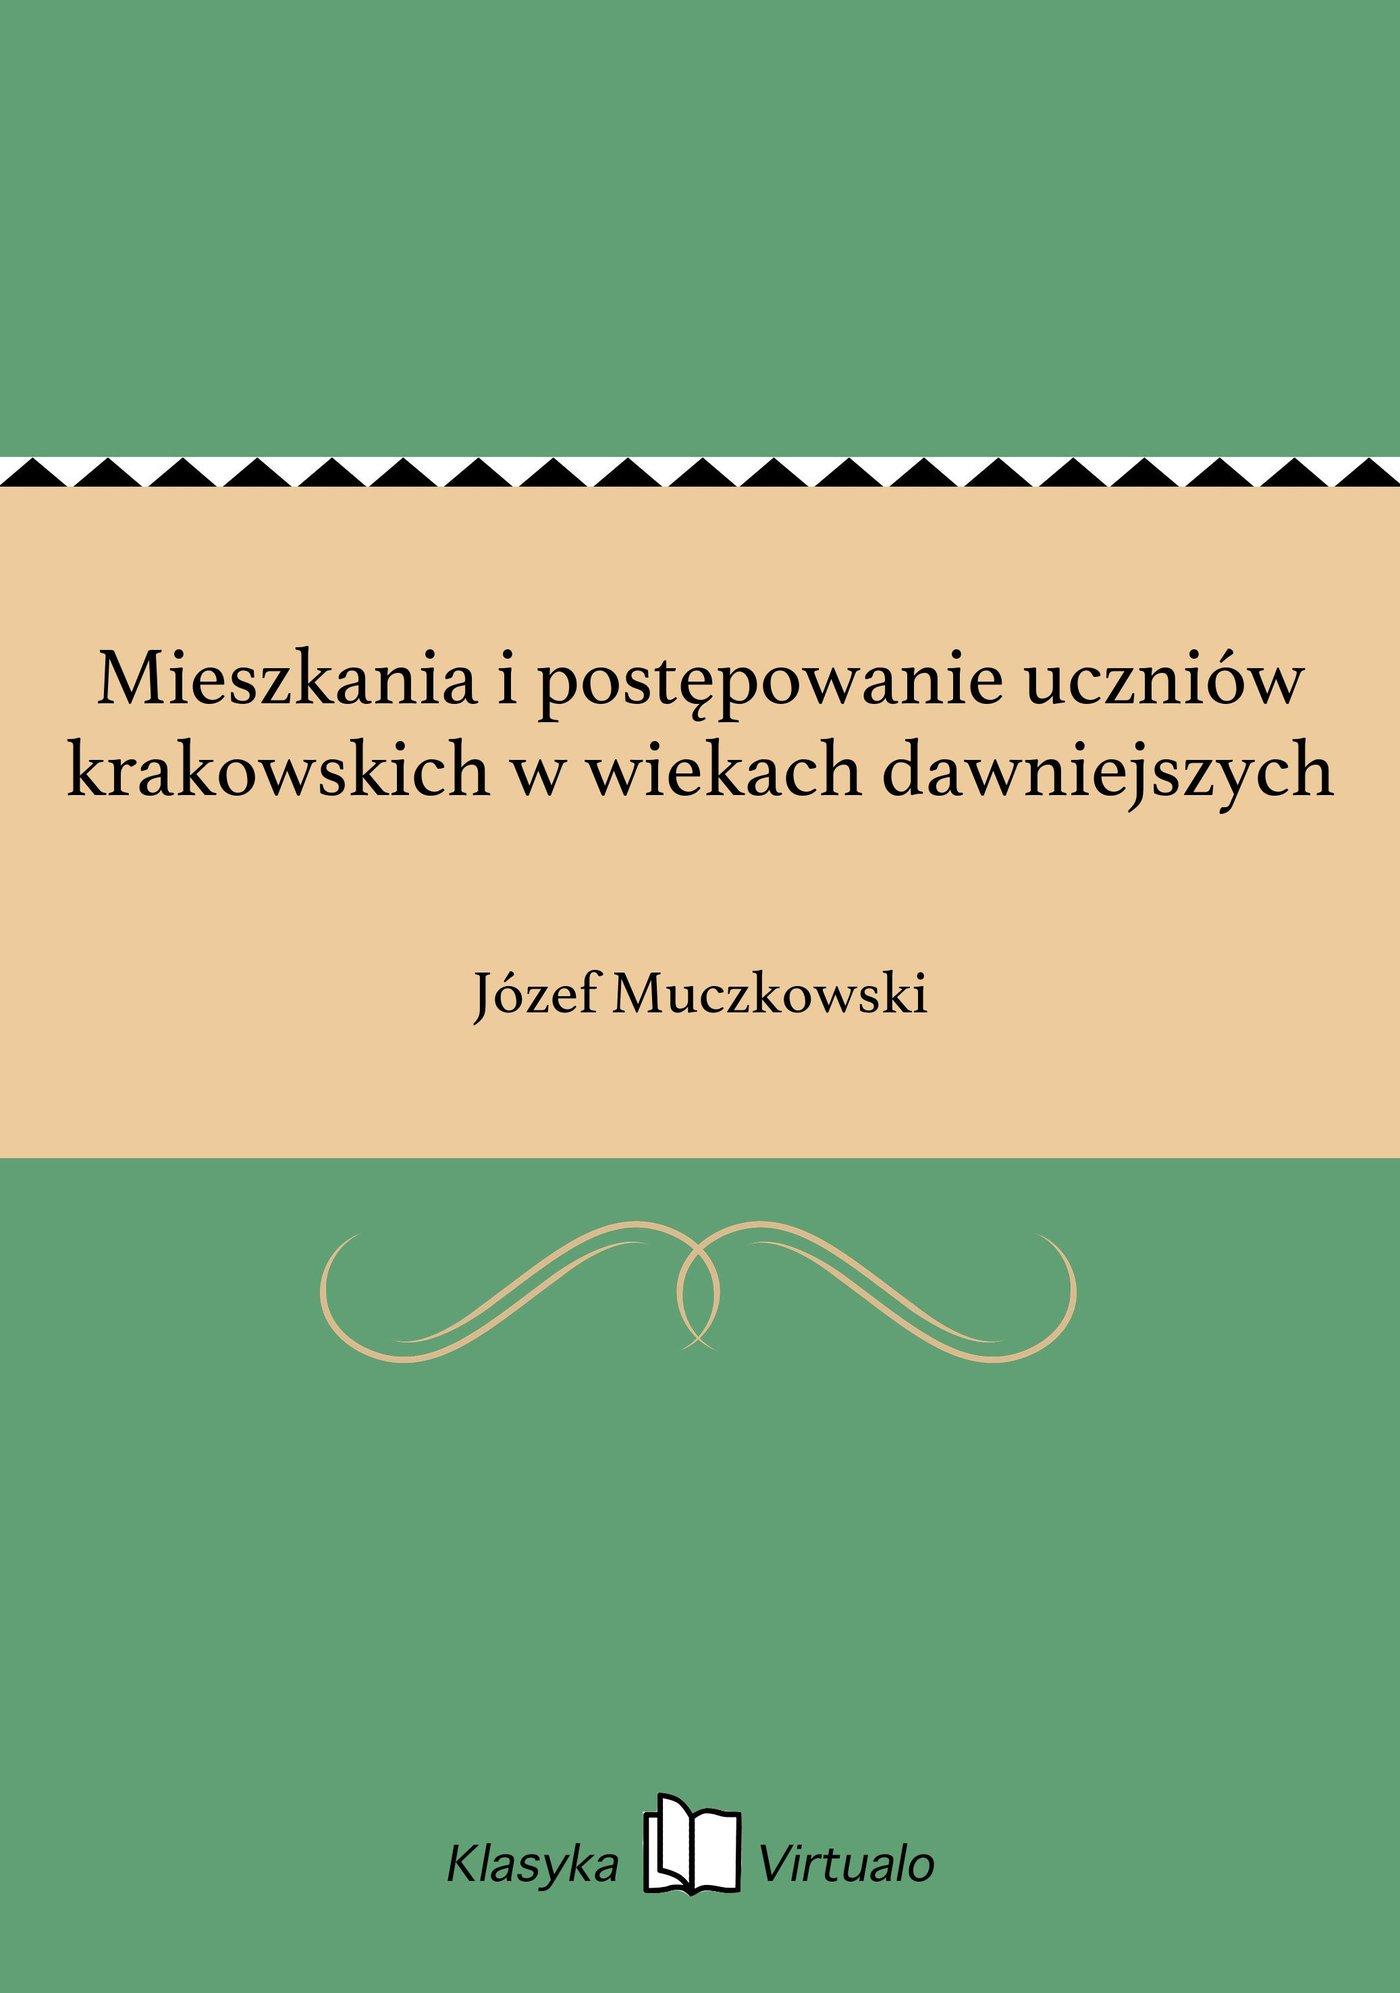 Mieszkania i postępowanie uczniów krakowskich w wiekach dawniejszych - Ebook (Książka EPUB) do pobrania w formacie EPUB